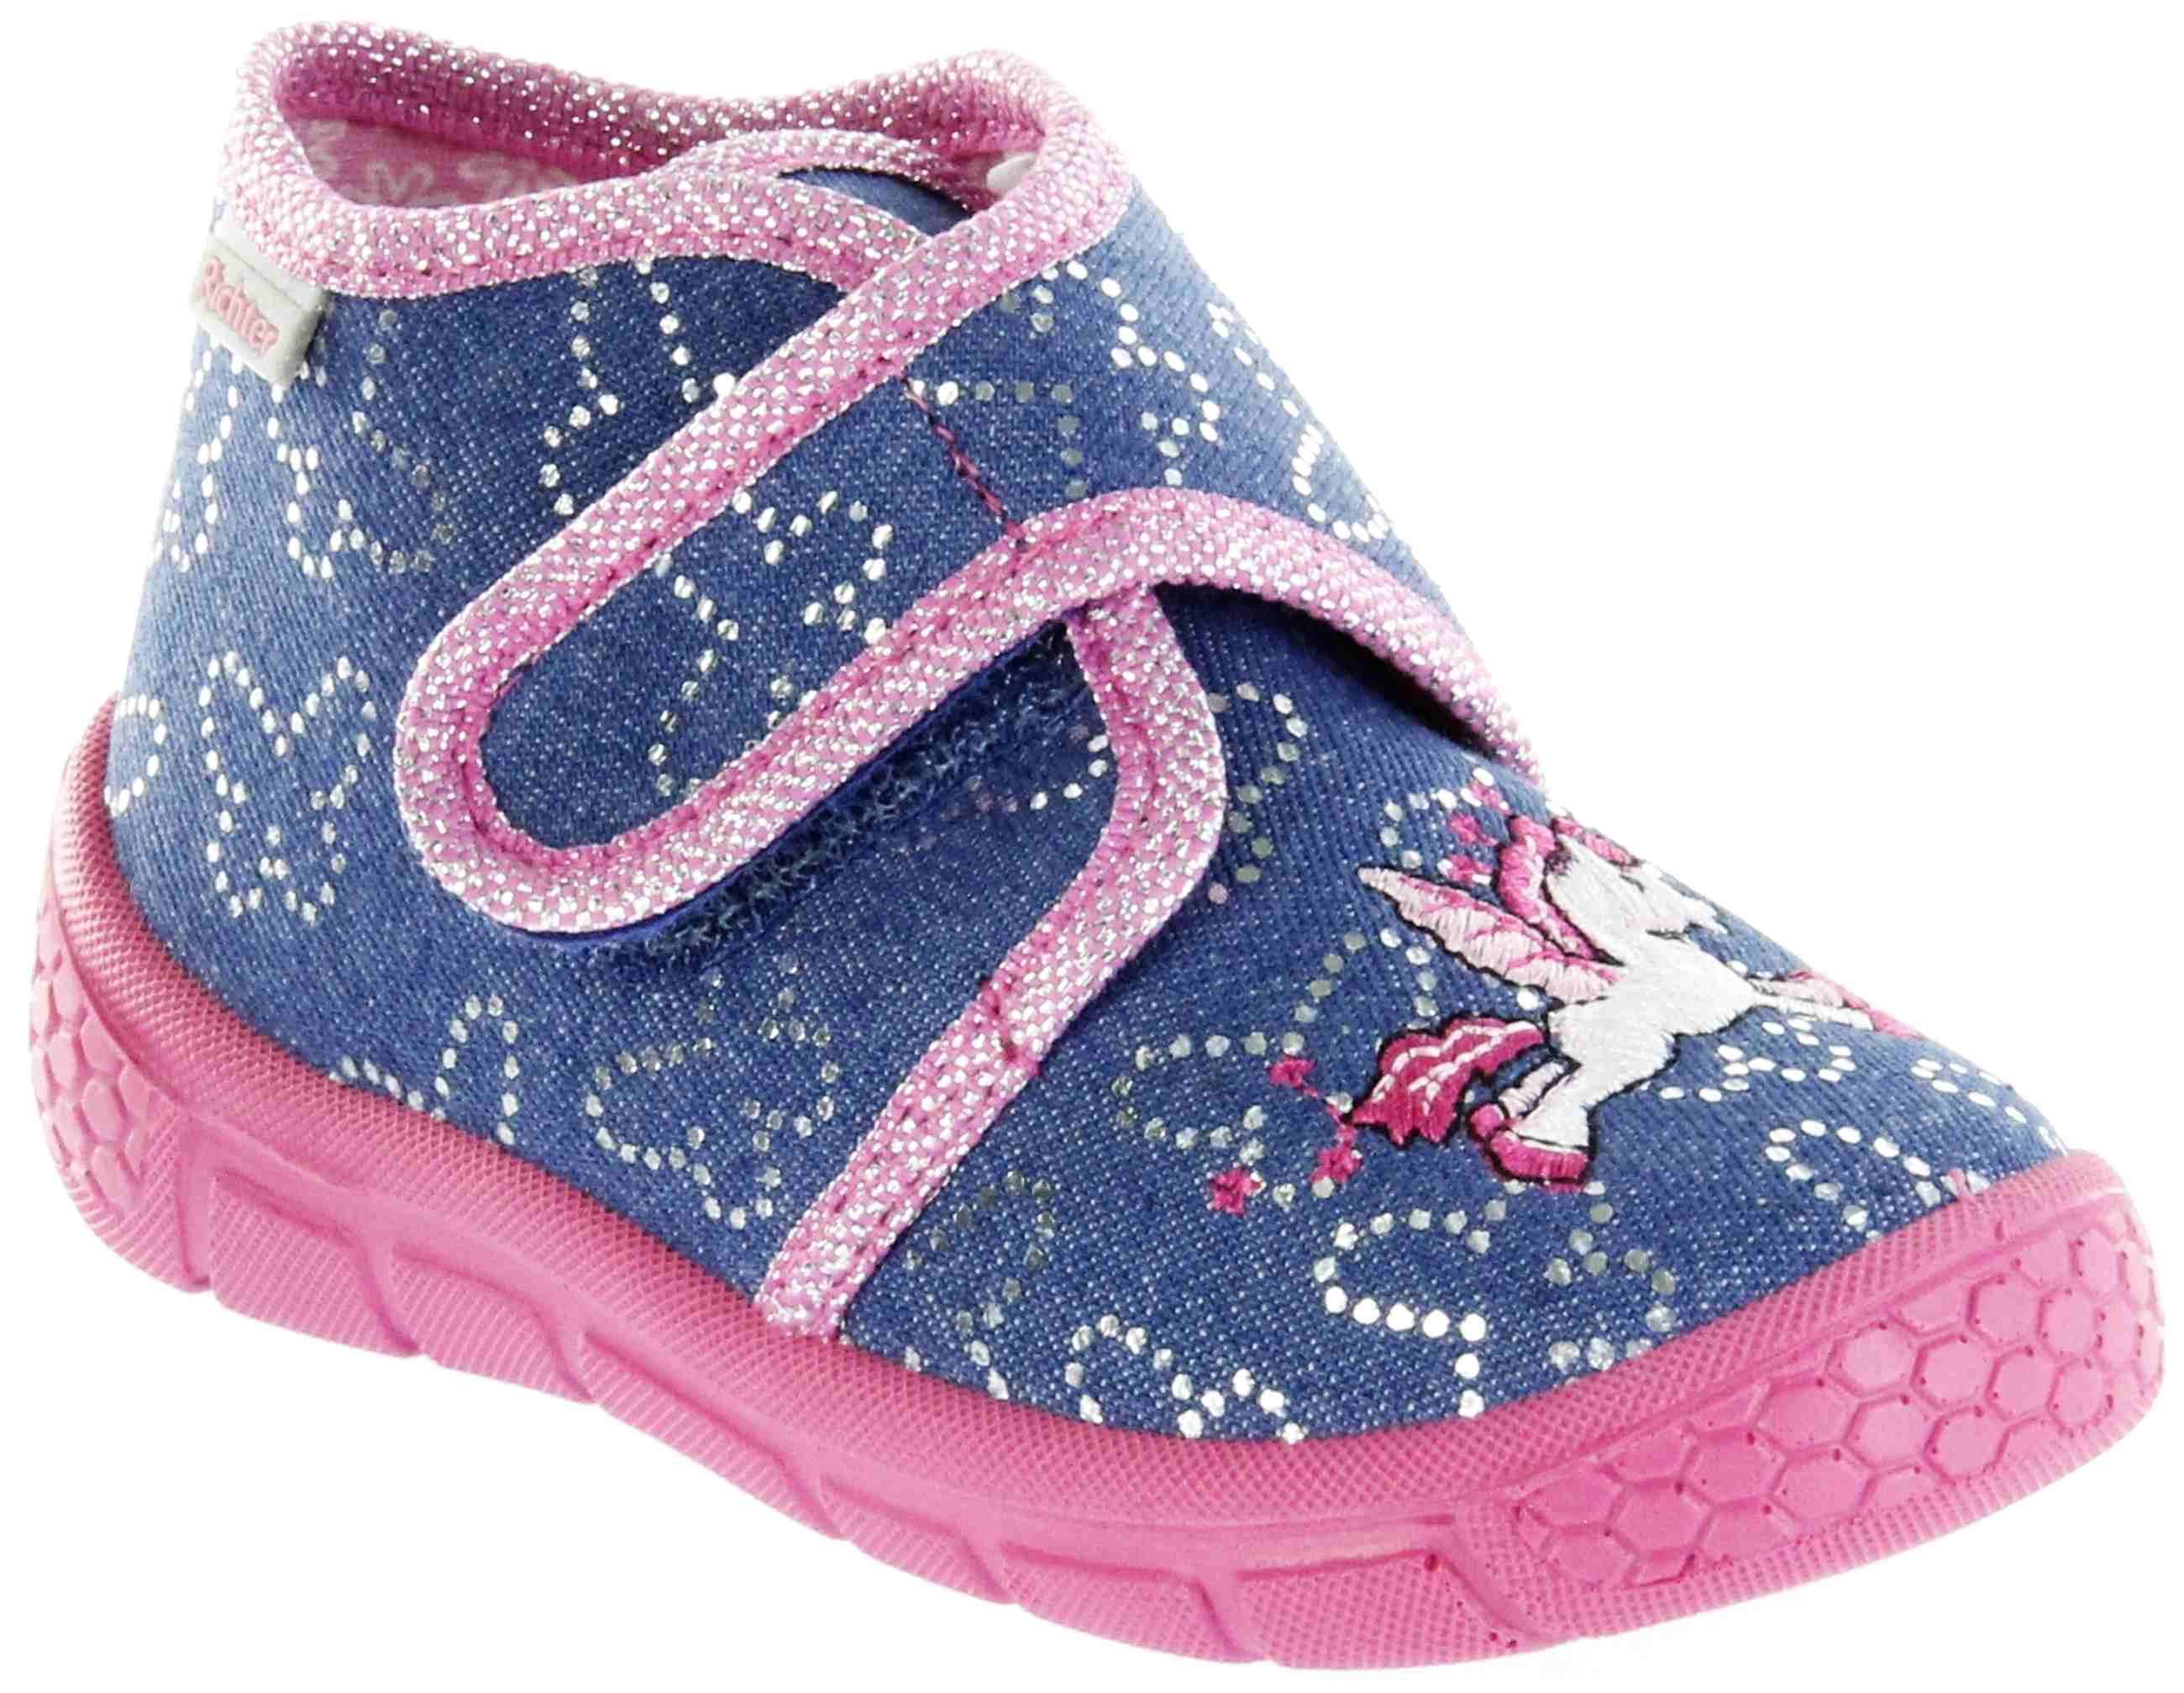 new product b2307 5888d Richter Kinder Hausschuhe blau Mädchen Schuhe 5641-443-7200 atlantic Unicorn